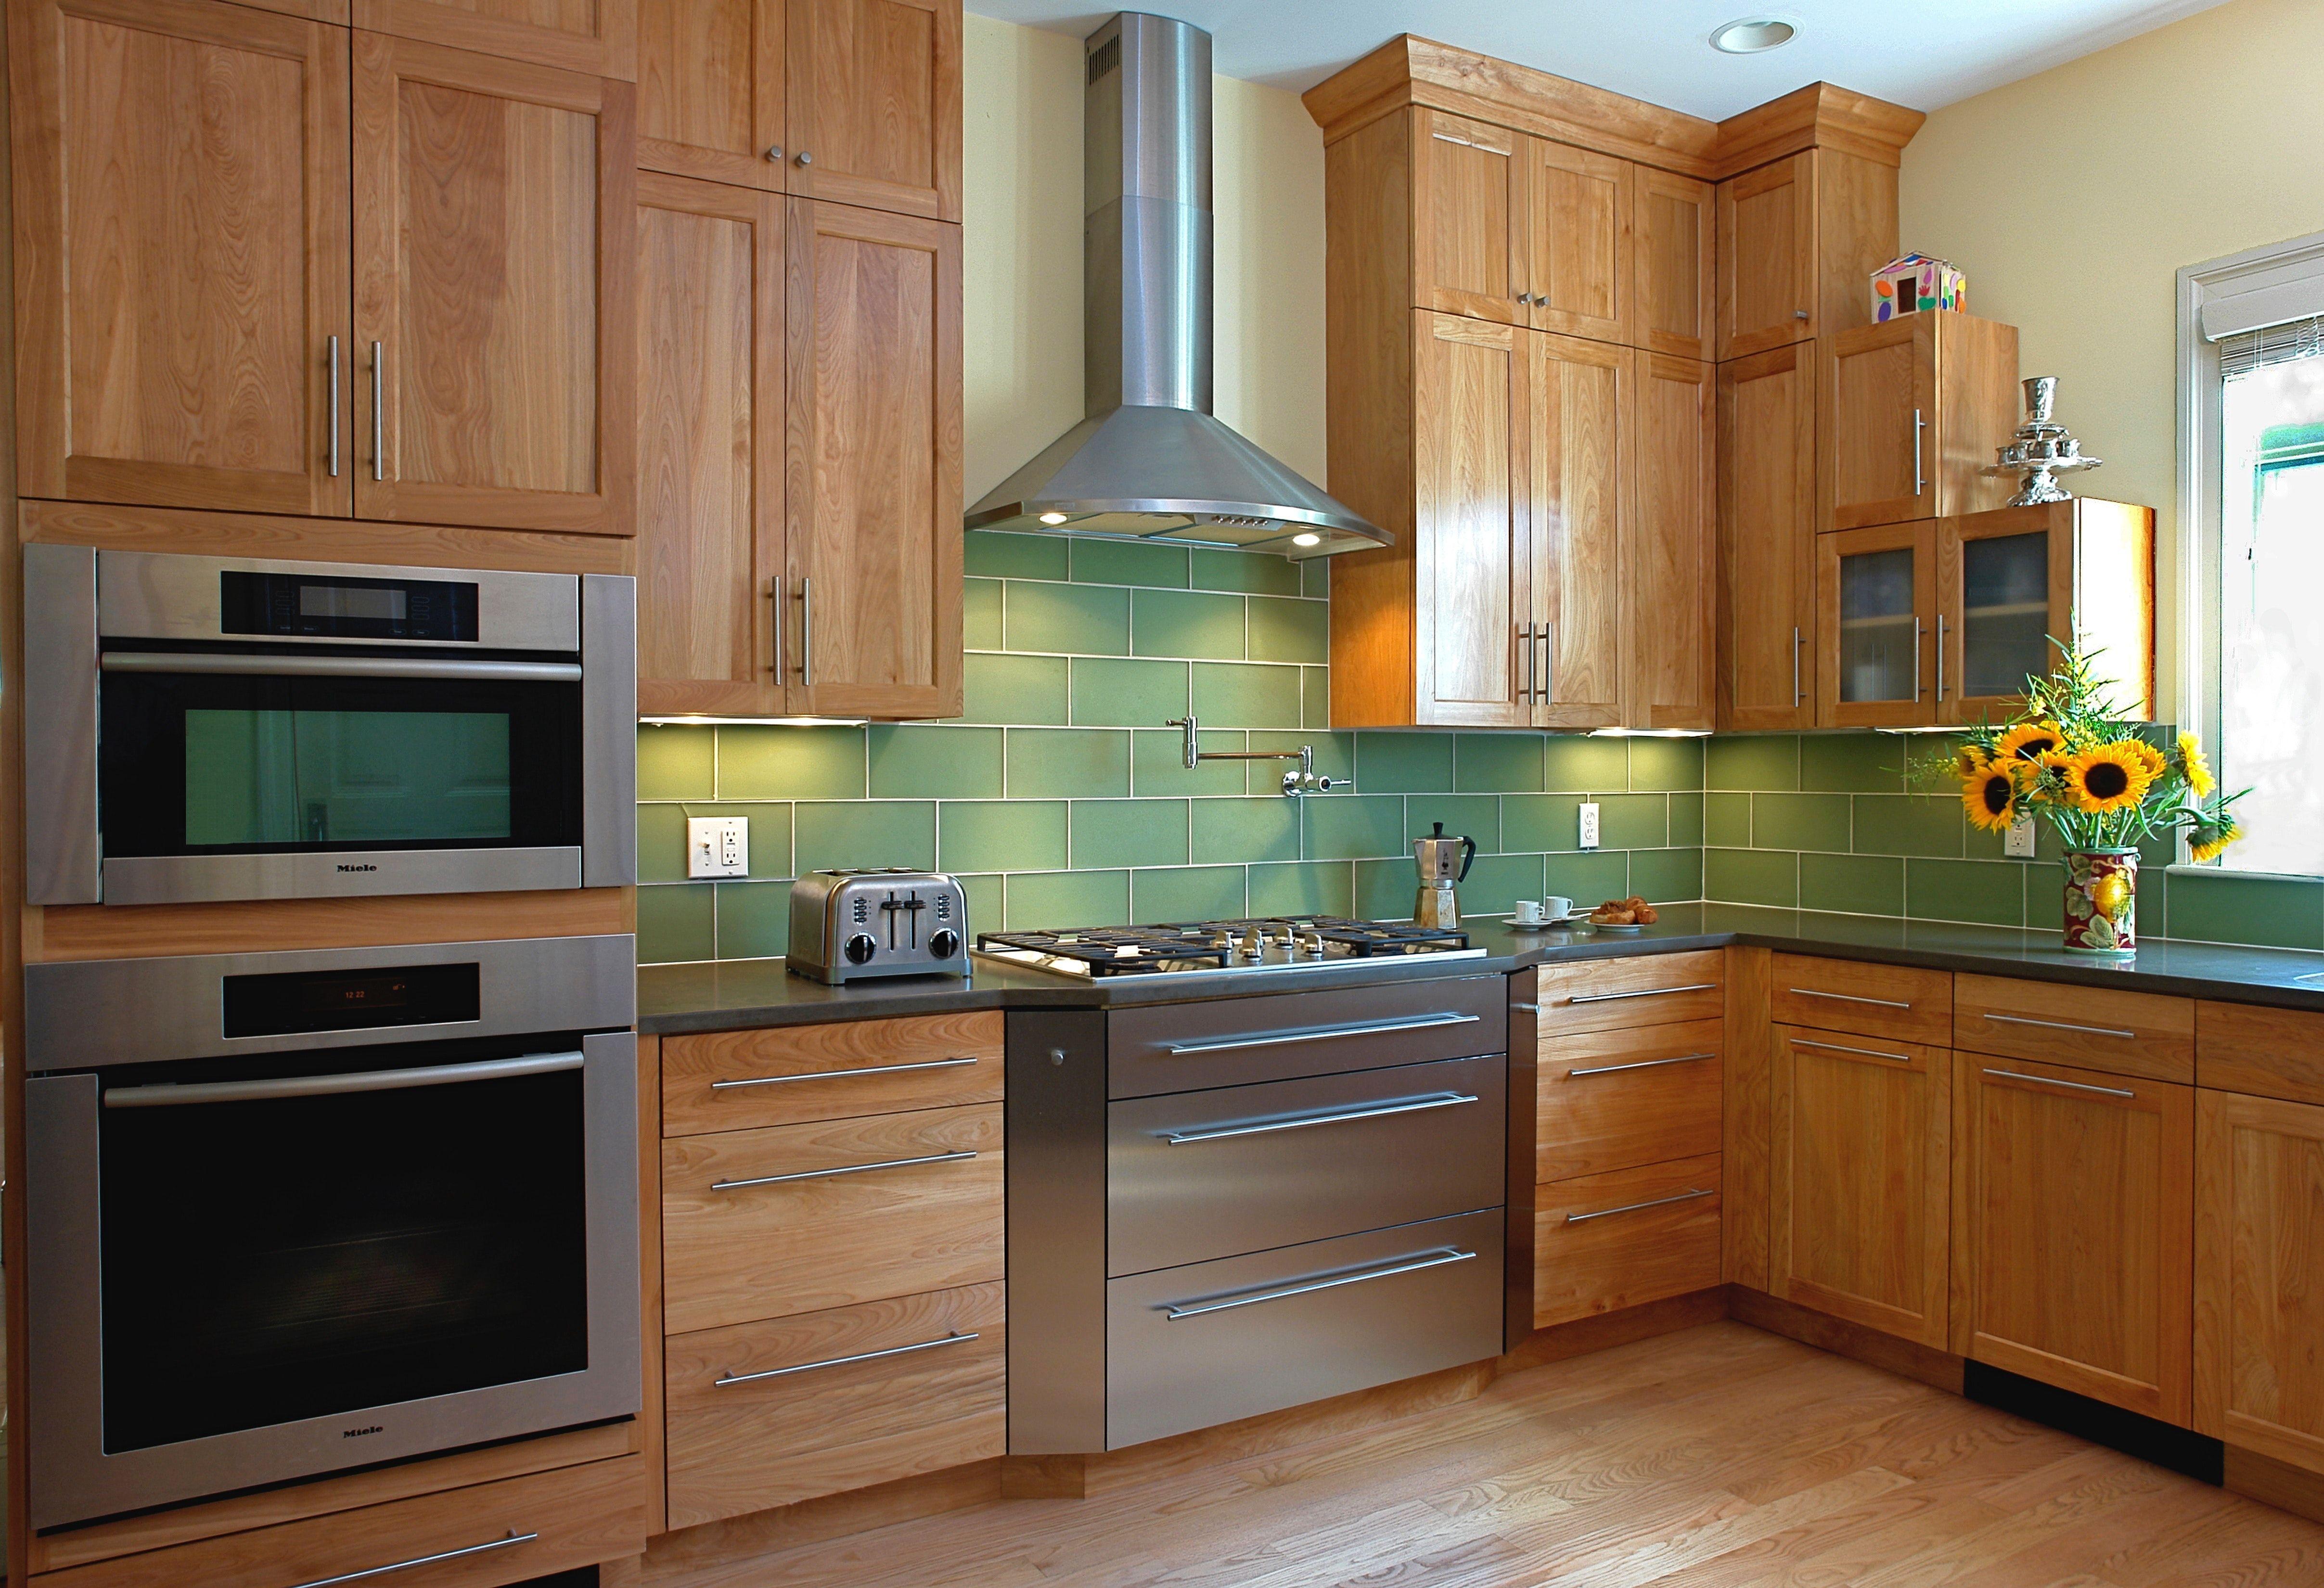 Red Birch Kitchen With Stainless Drawers Birch Kitchen Cabinets Trendy Kitchen Backsplash Contemporary Kitchen